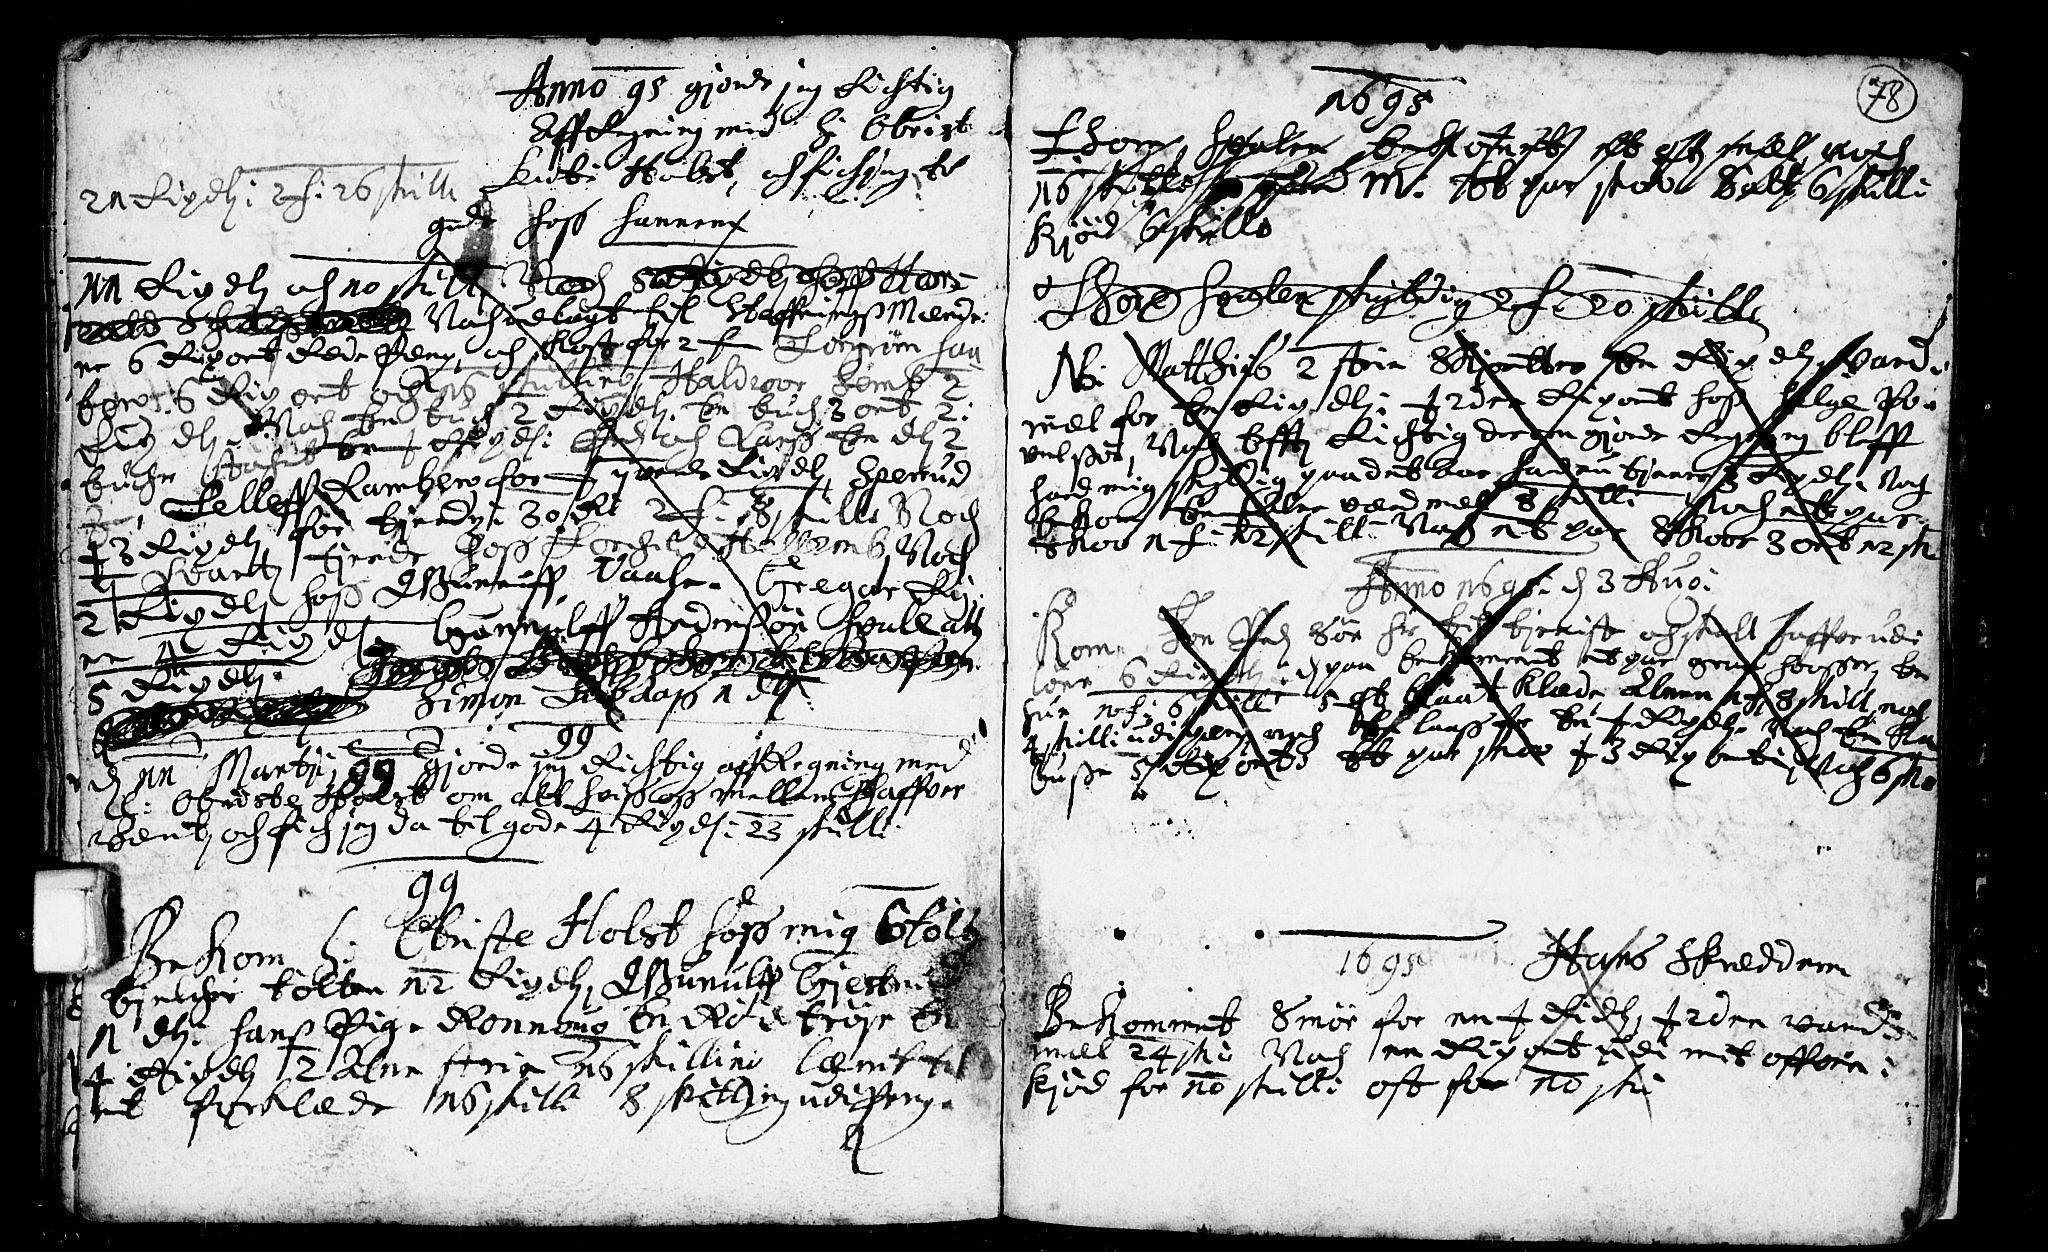 SAKO, Heddal kirkebøker, F/Fa/L0001: Ministerialbok nr. I 1, 1648-1699, s. 78